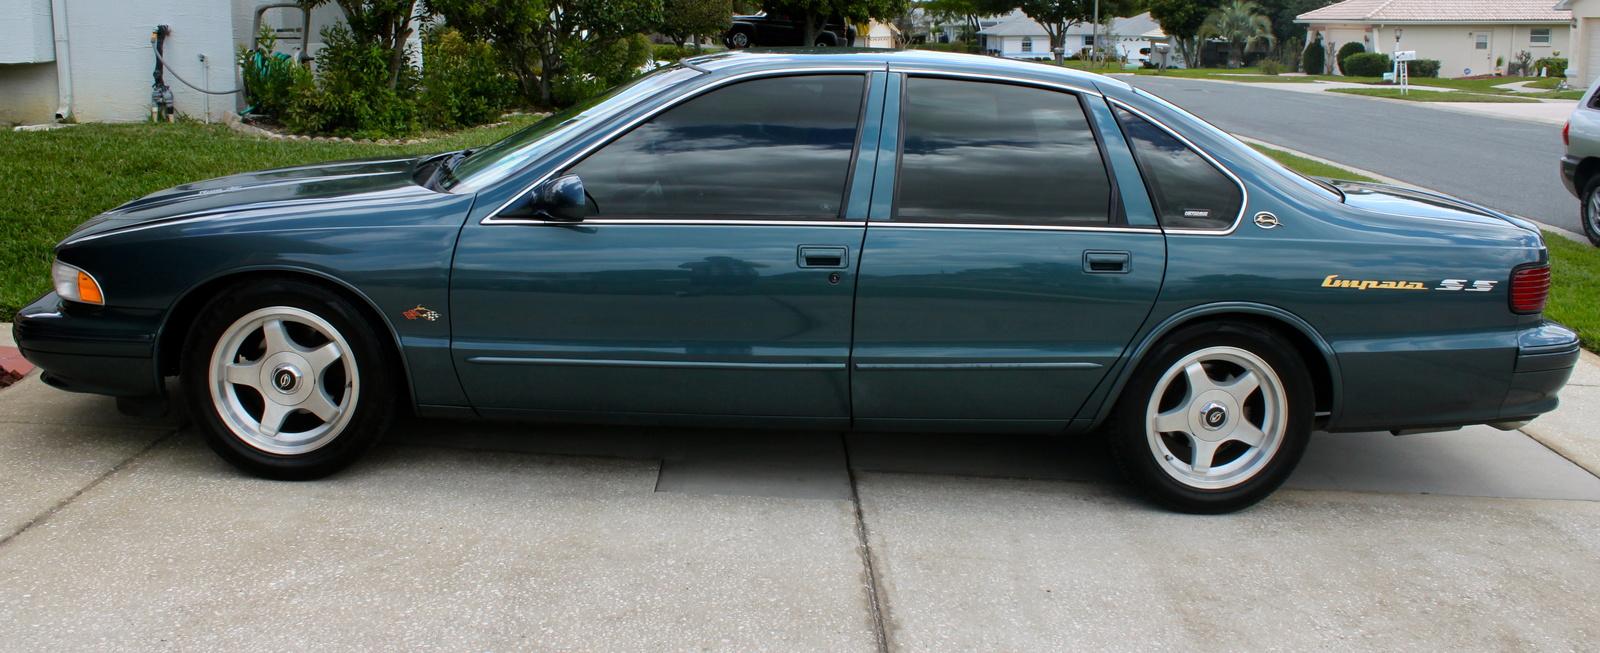 1996 Chevrolet Impala Pictures Cargurus